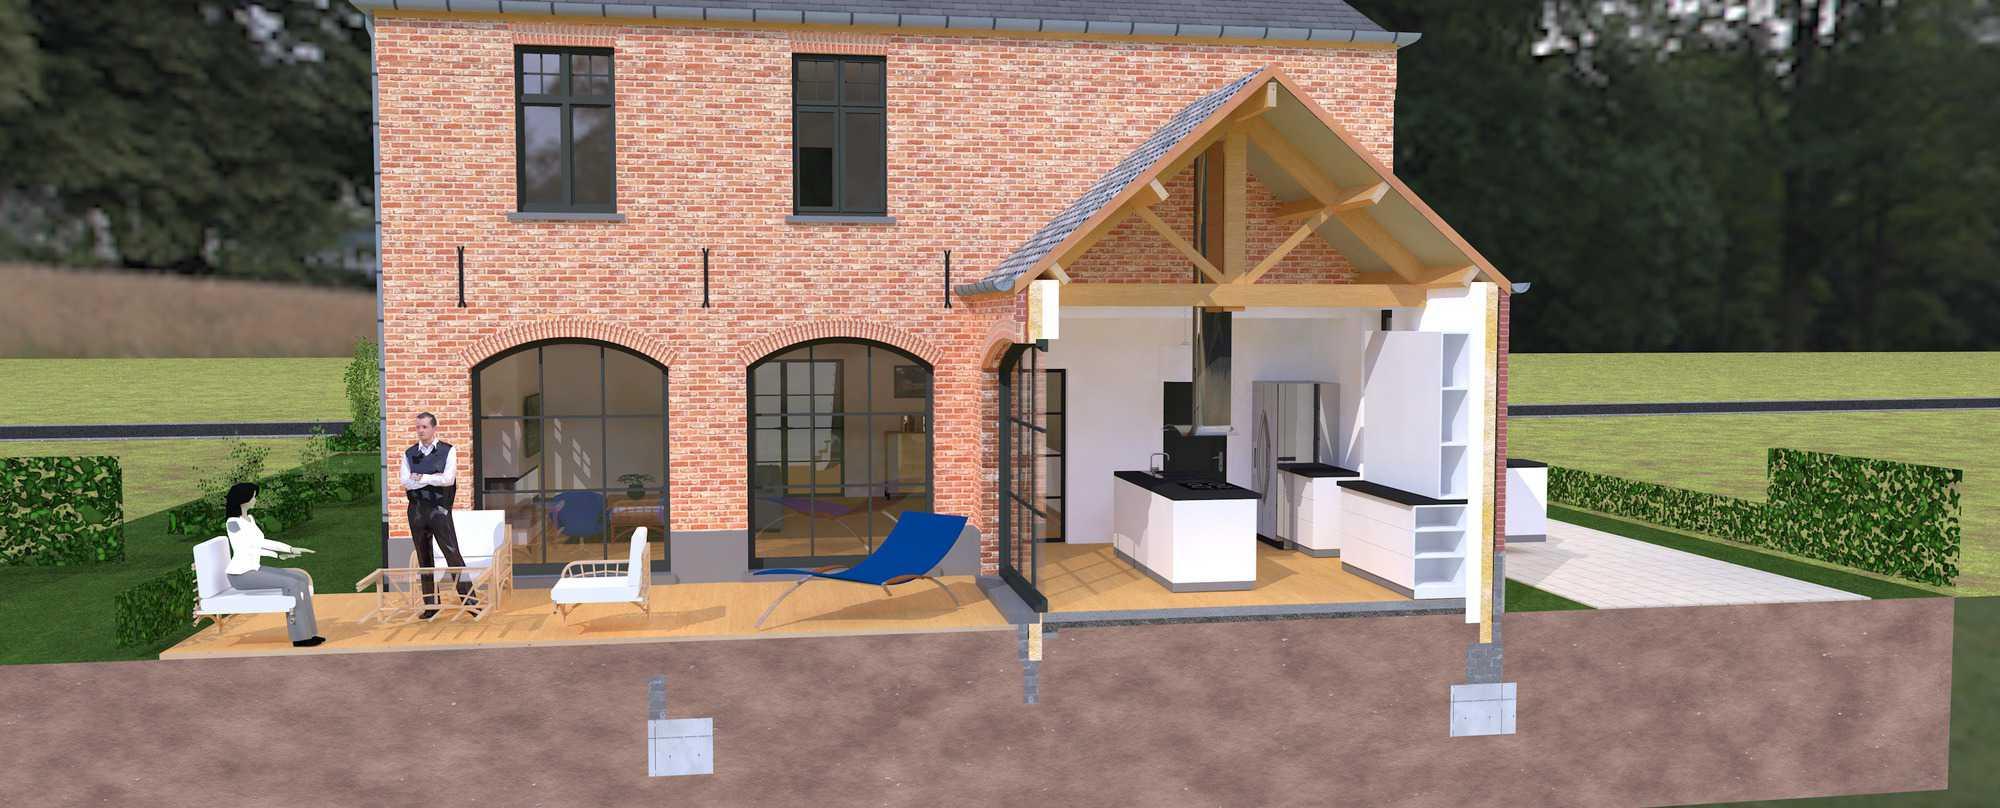 Detail afbeelding 3 van K & S   –   Landhuis met garage   –  Genk | Ontwerp door architect Patrick Strackx